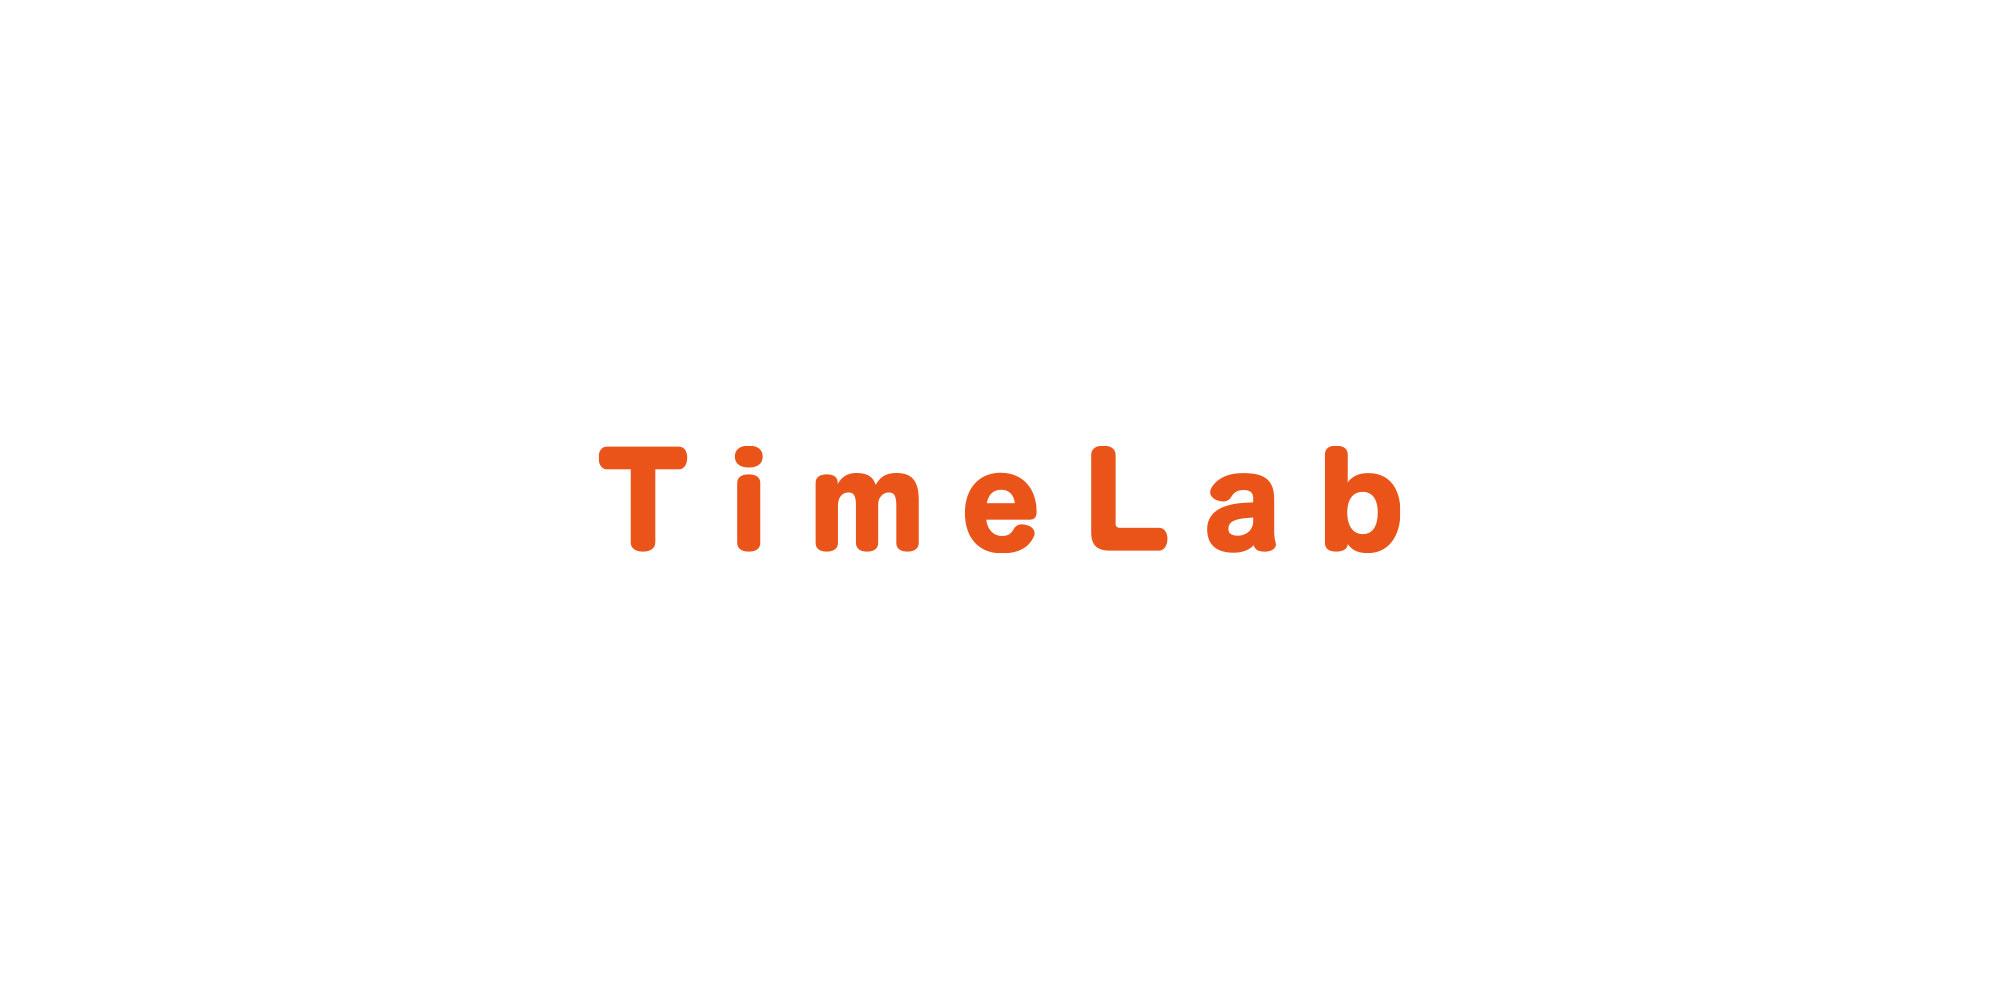 timelab_logo_type4